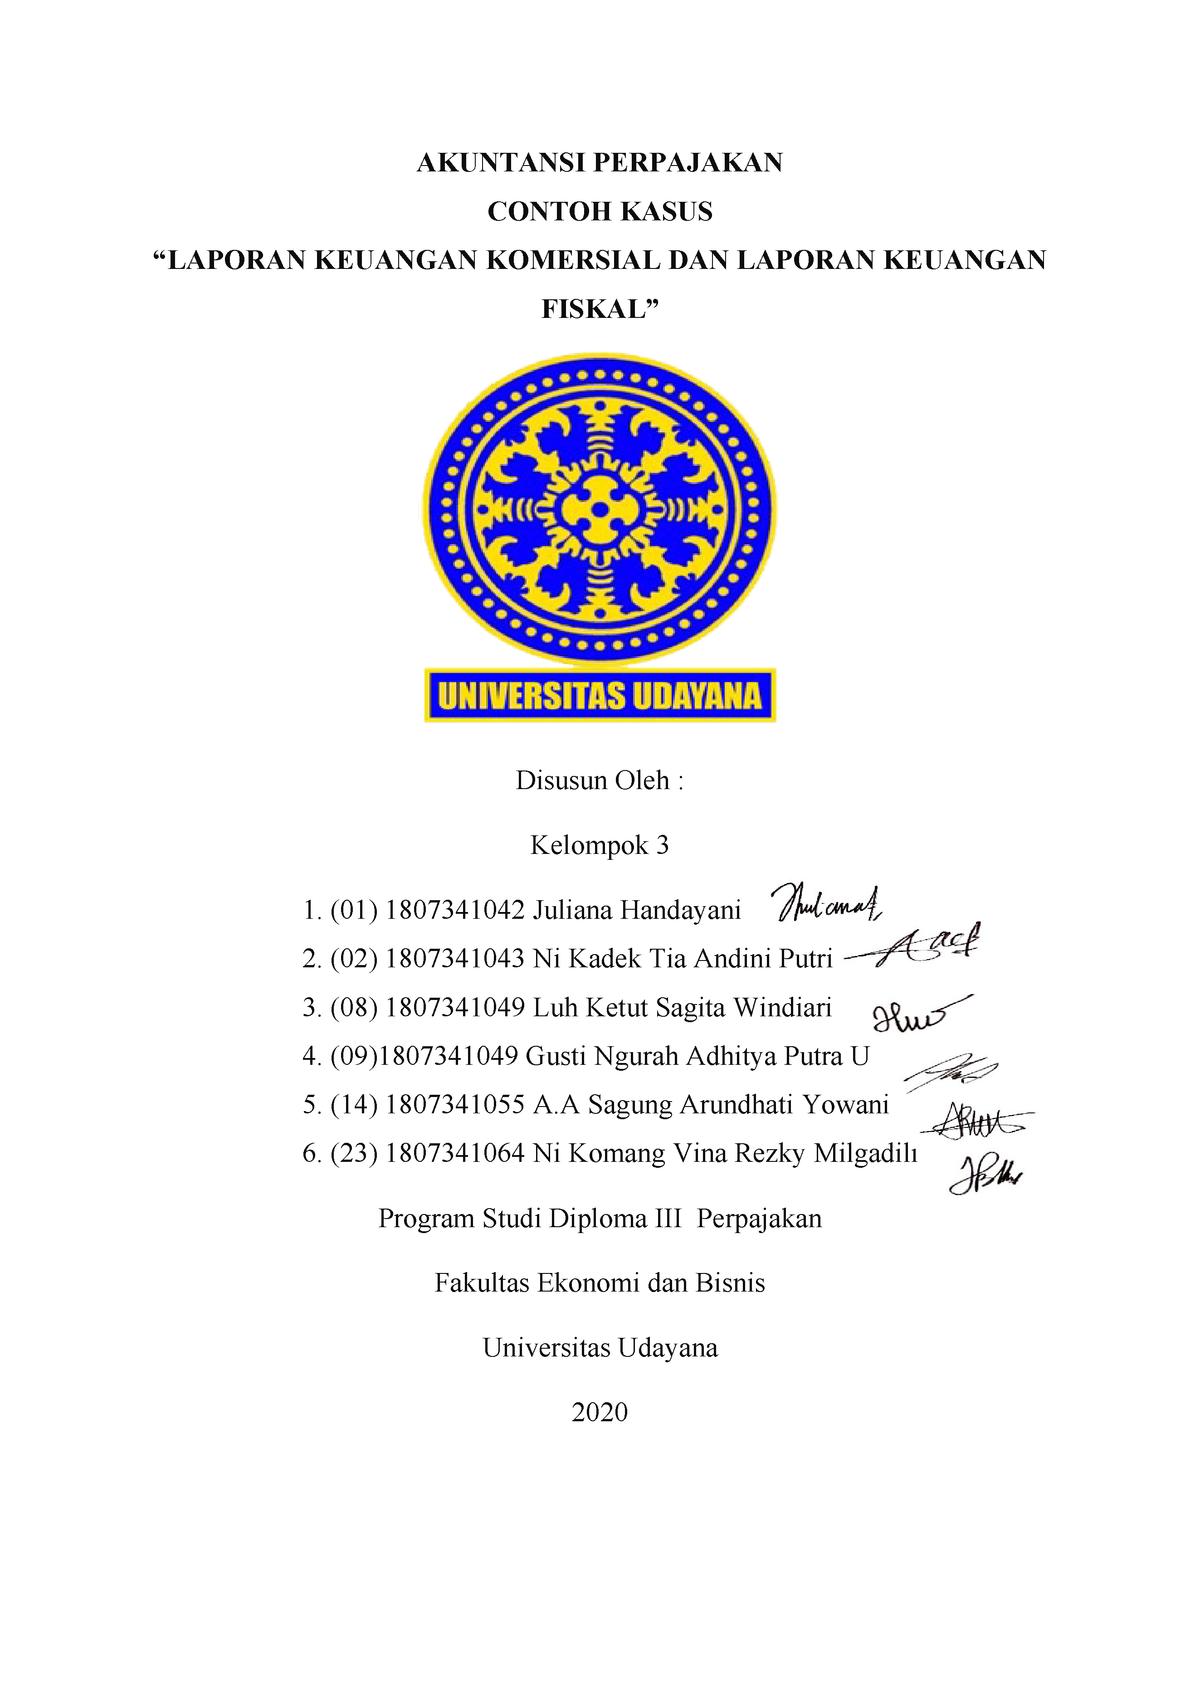 Contoh Kasus Laporan Keuangan Komersial Dan Fiskal Akuntansi Perpajakan Contoh Studocu